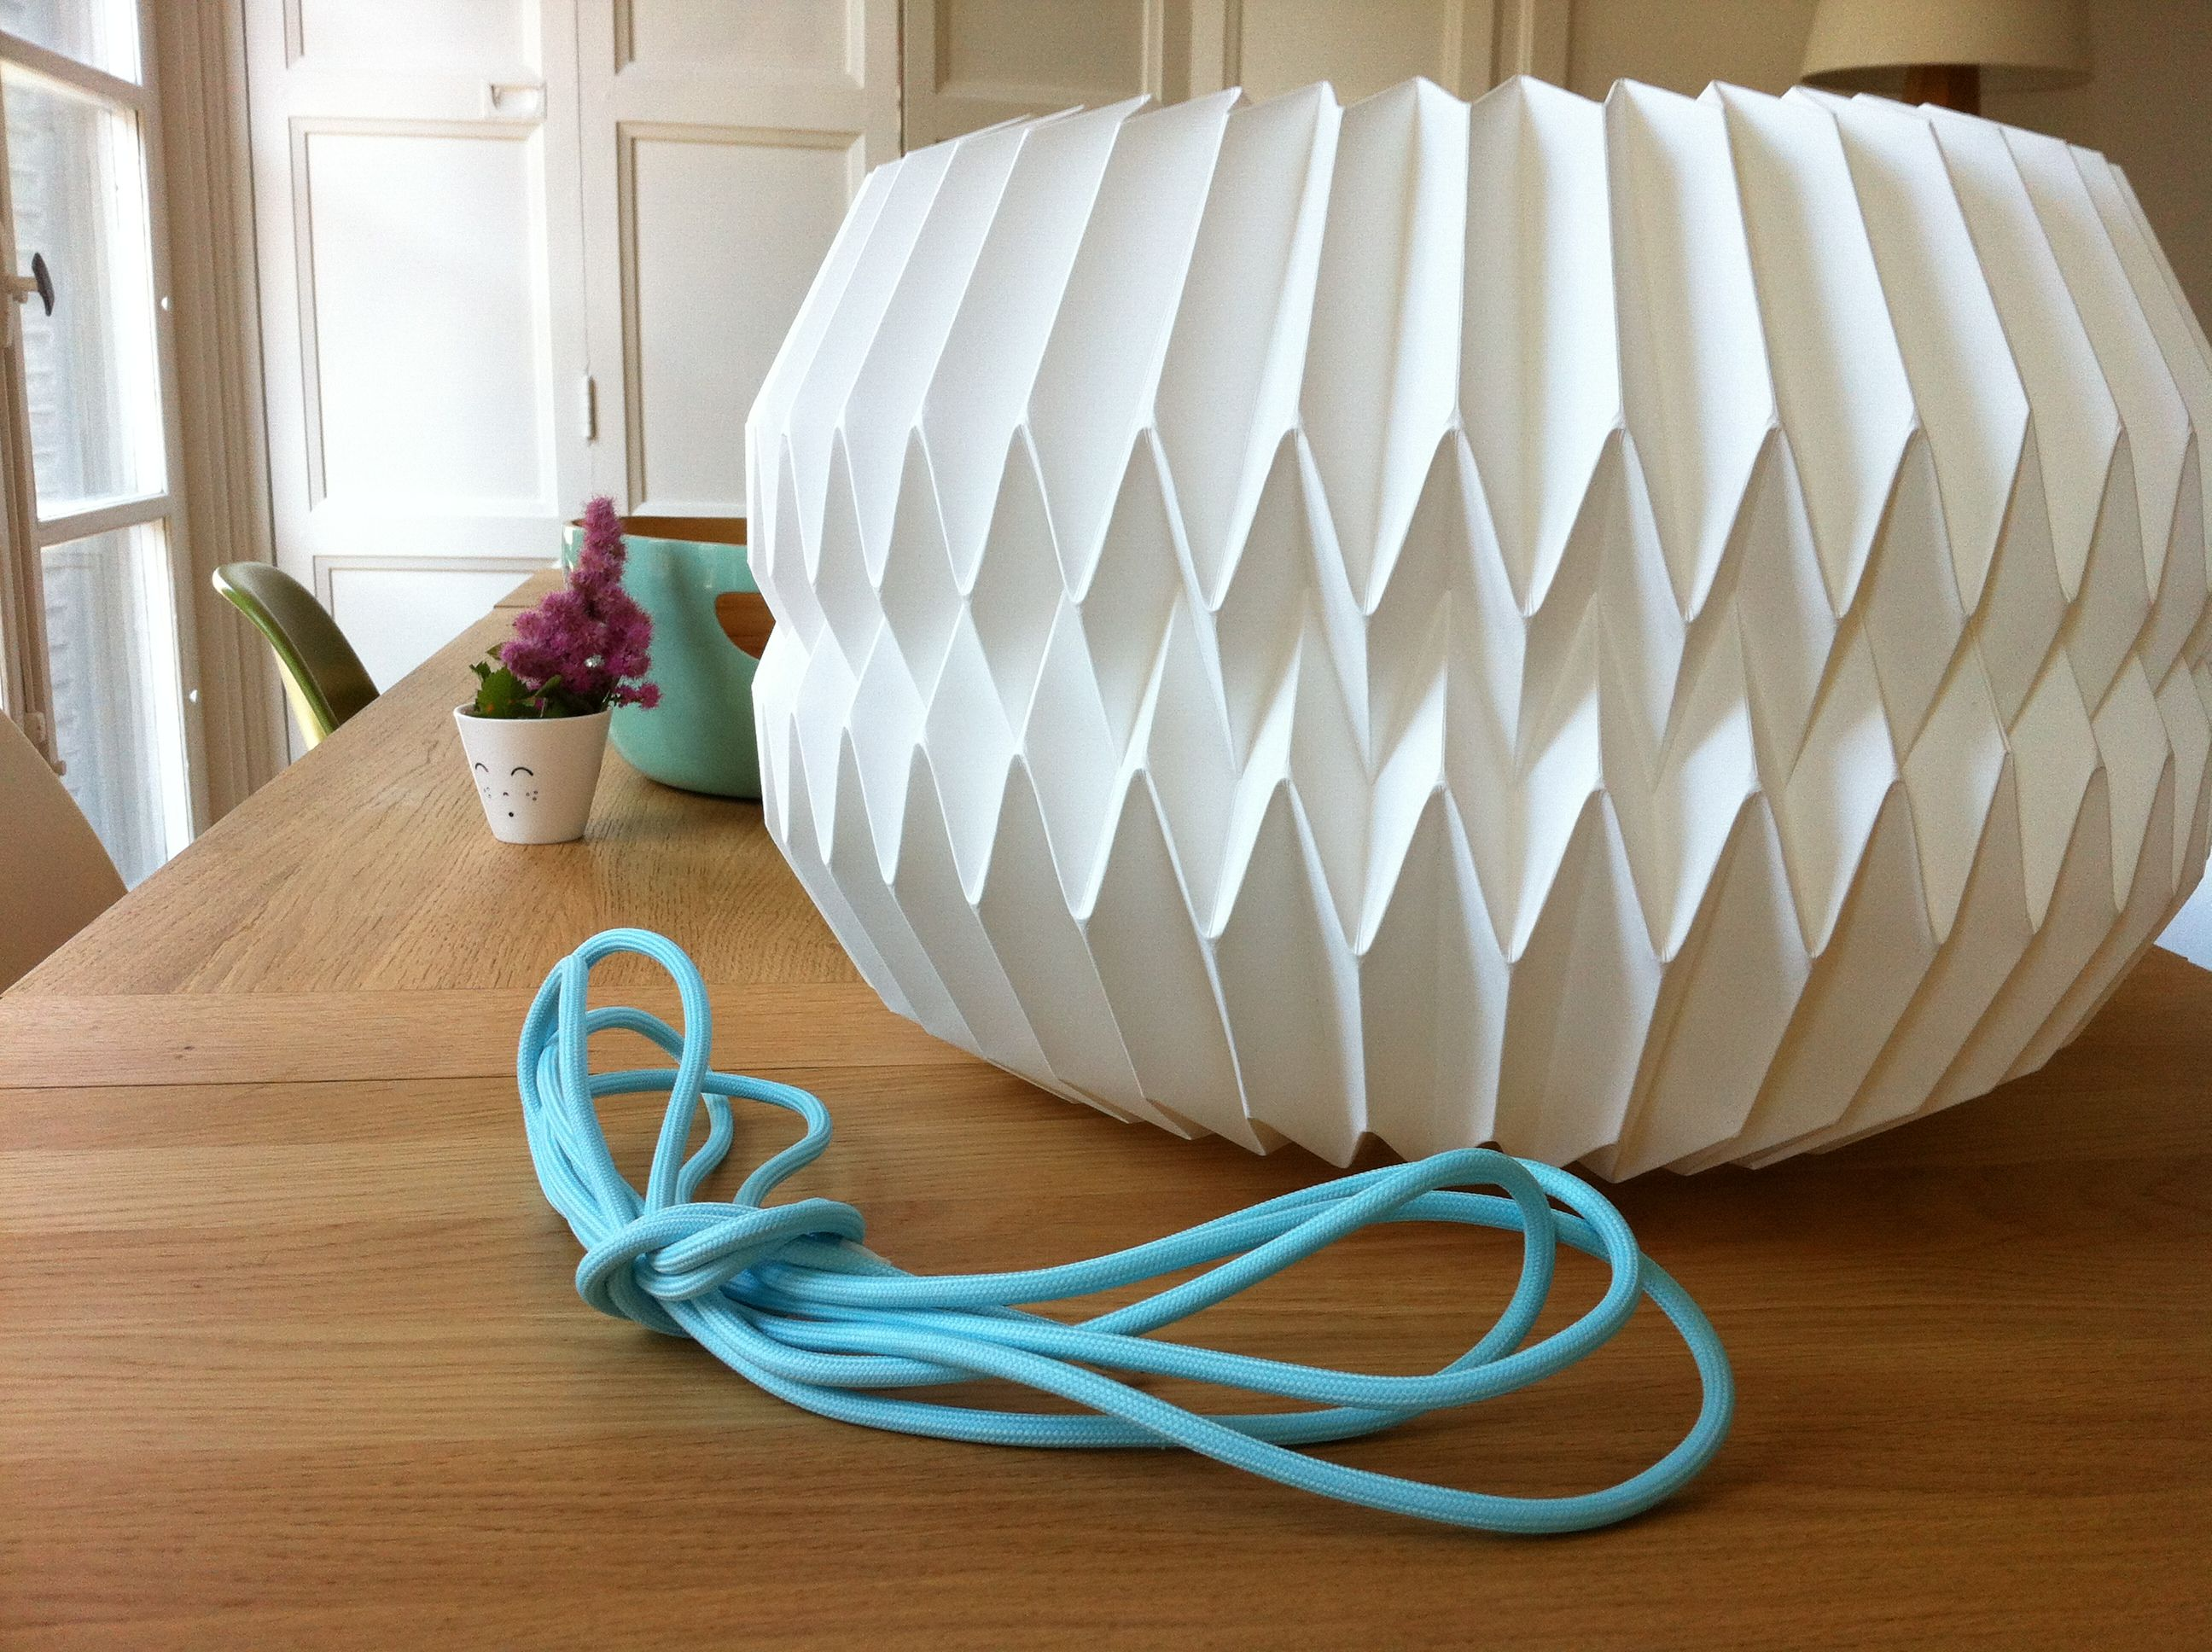 Studio Snowpuppe Lamp : C ble textile bleu pastel studio snowpuppe lampe origami